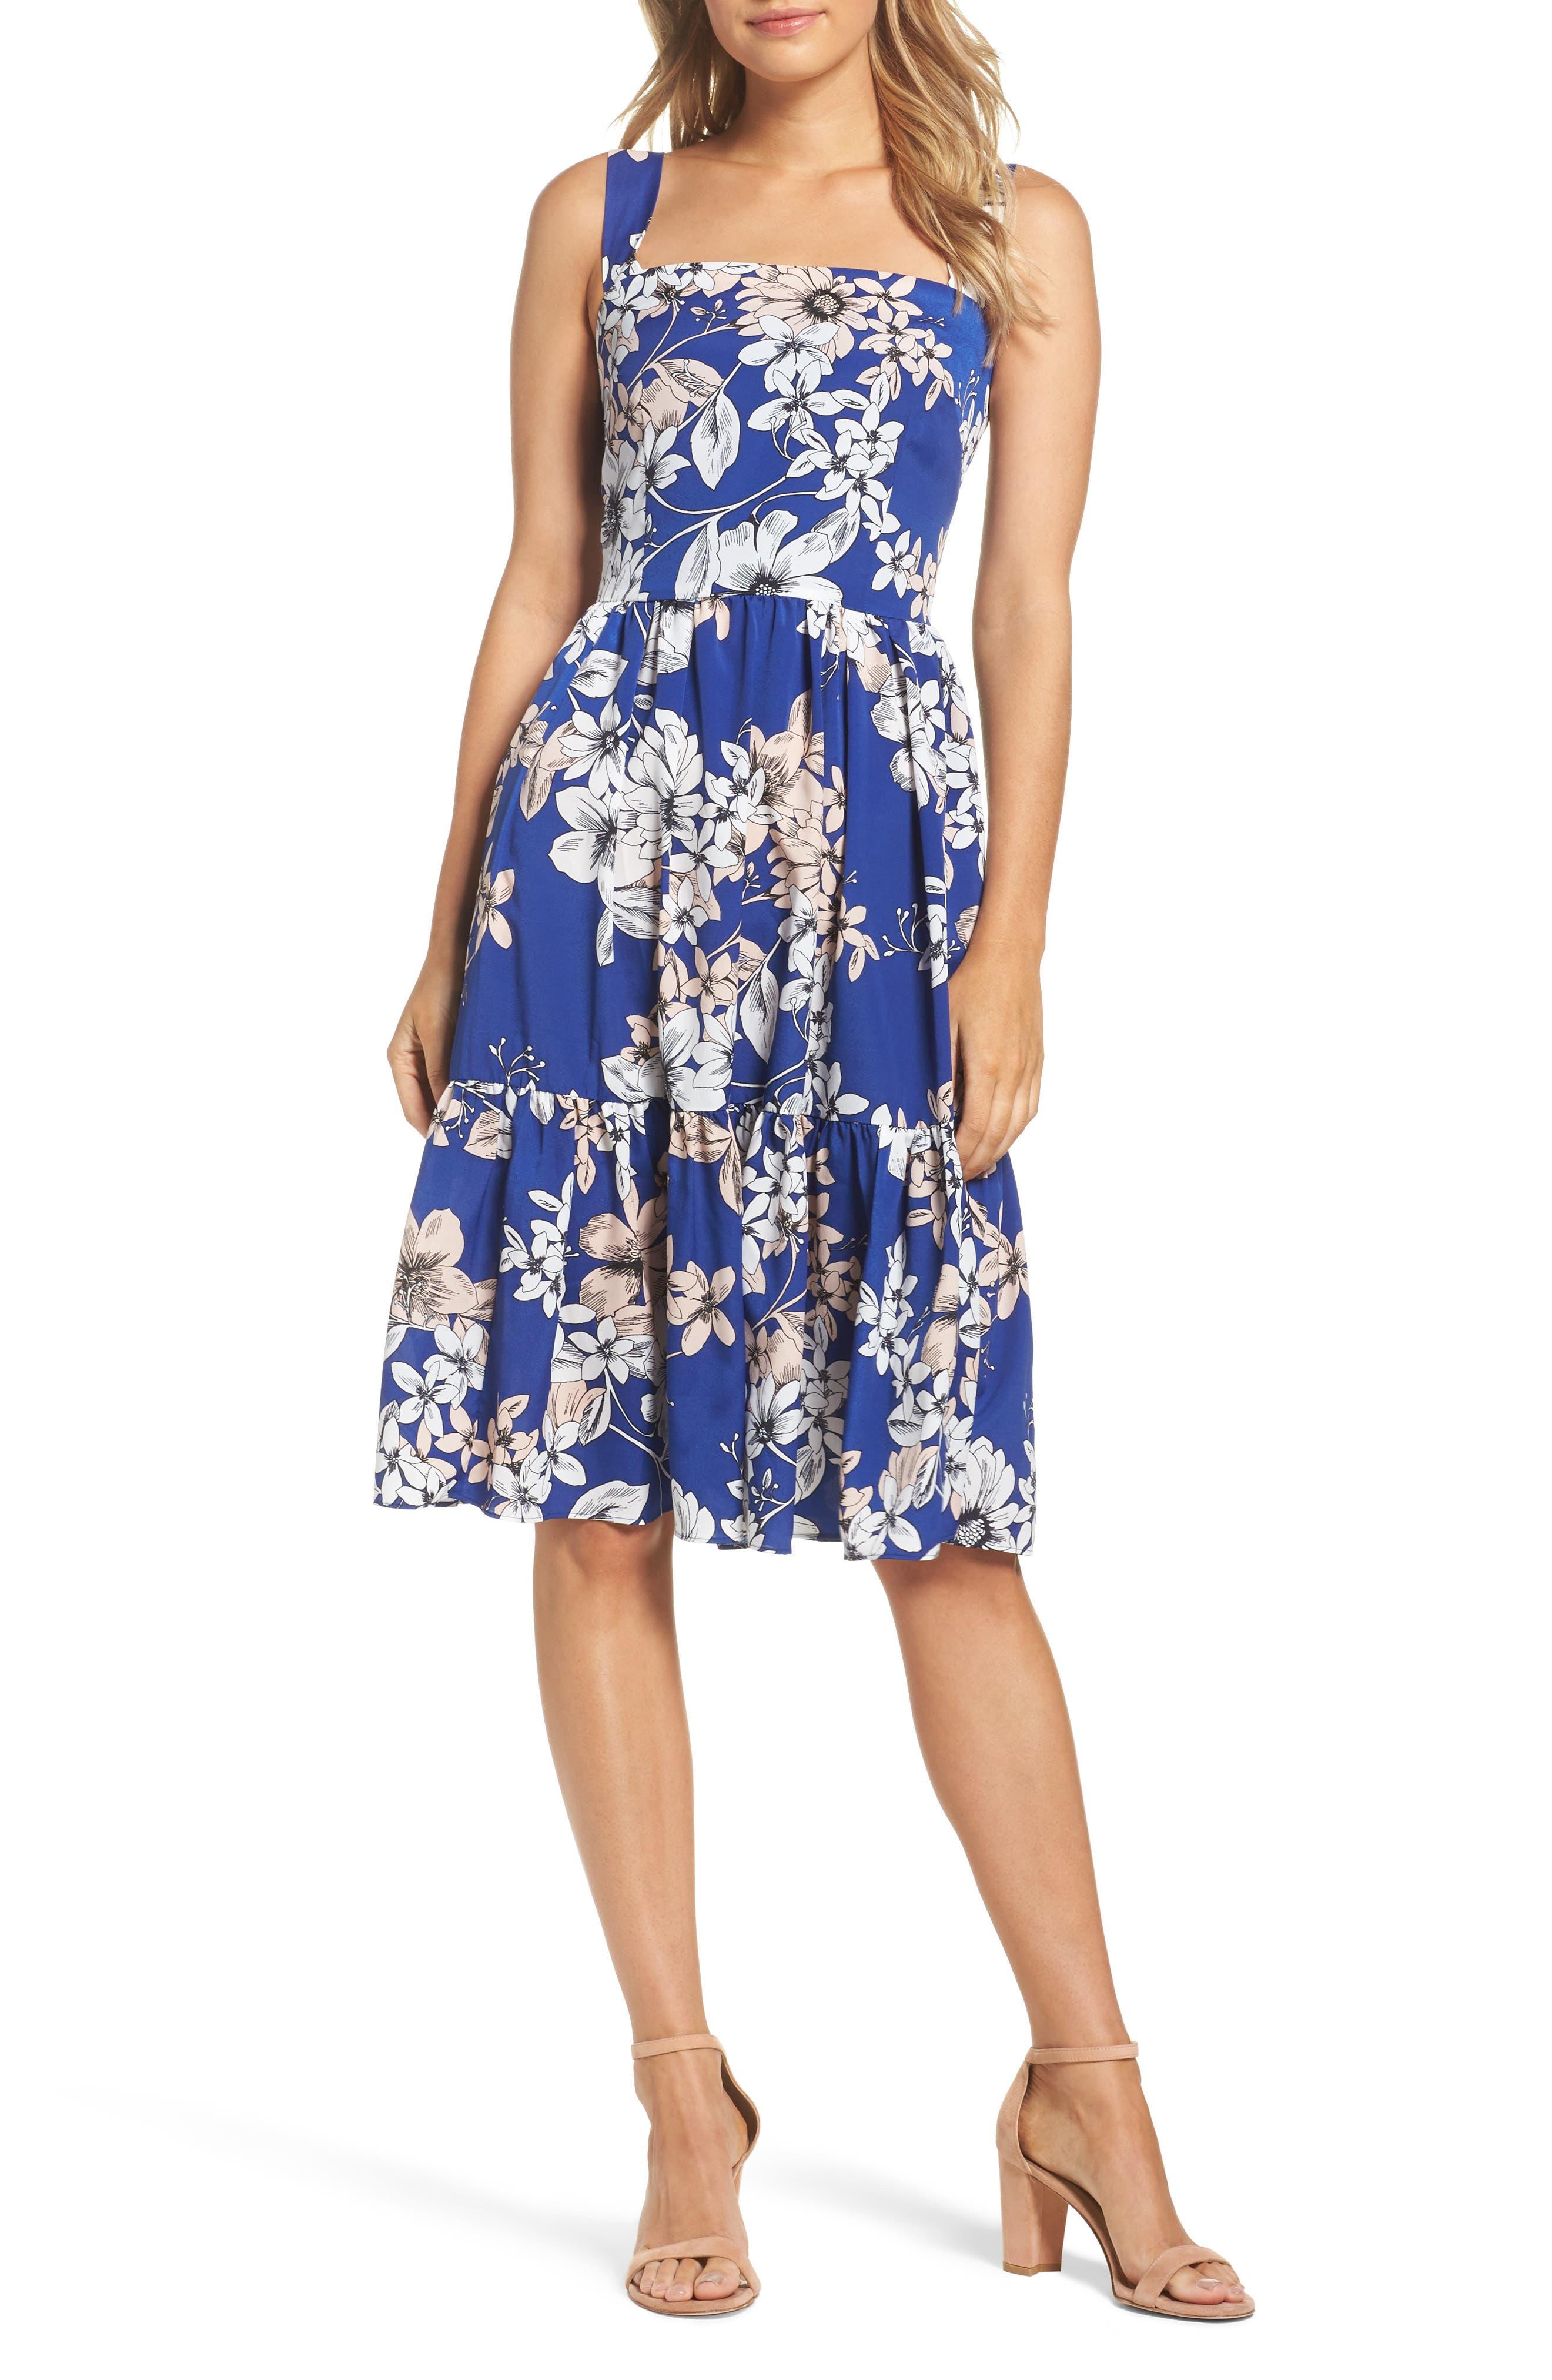 Alternate Image 1 Selected - Eliza J Floral Print Fit & Flare Dress